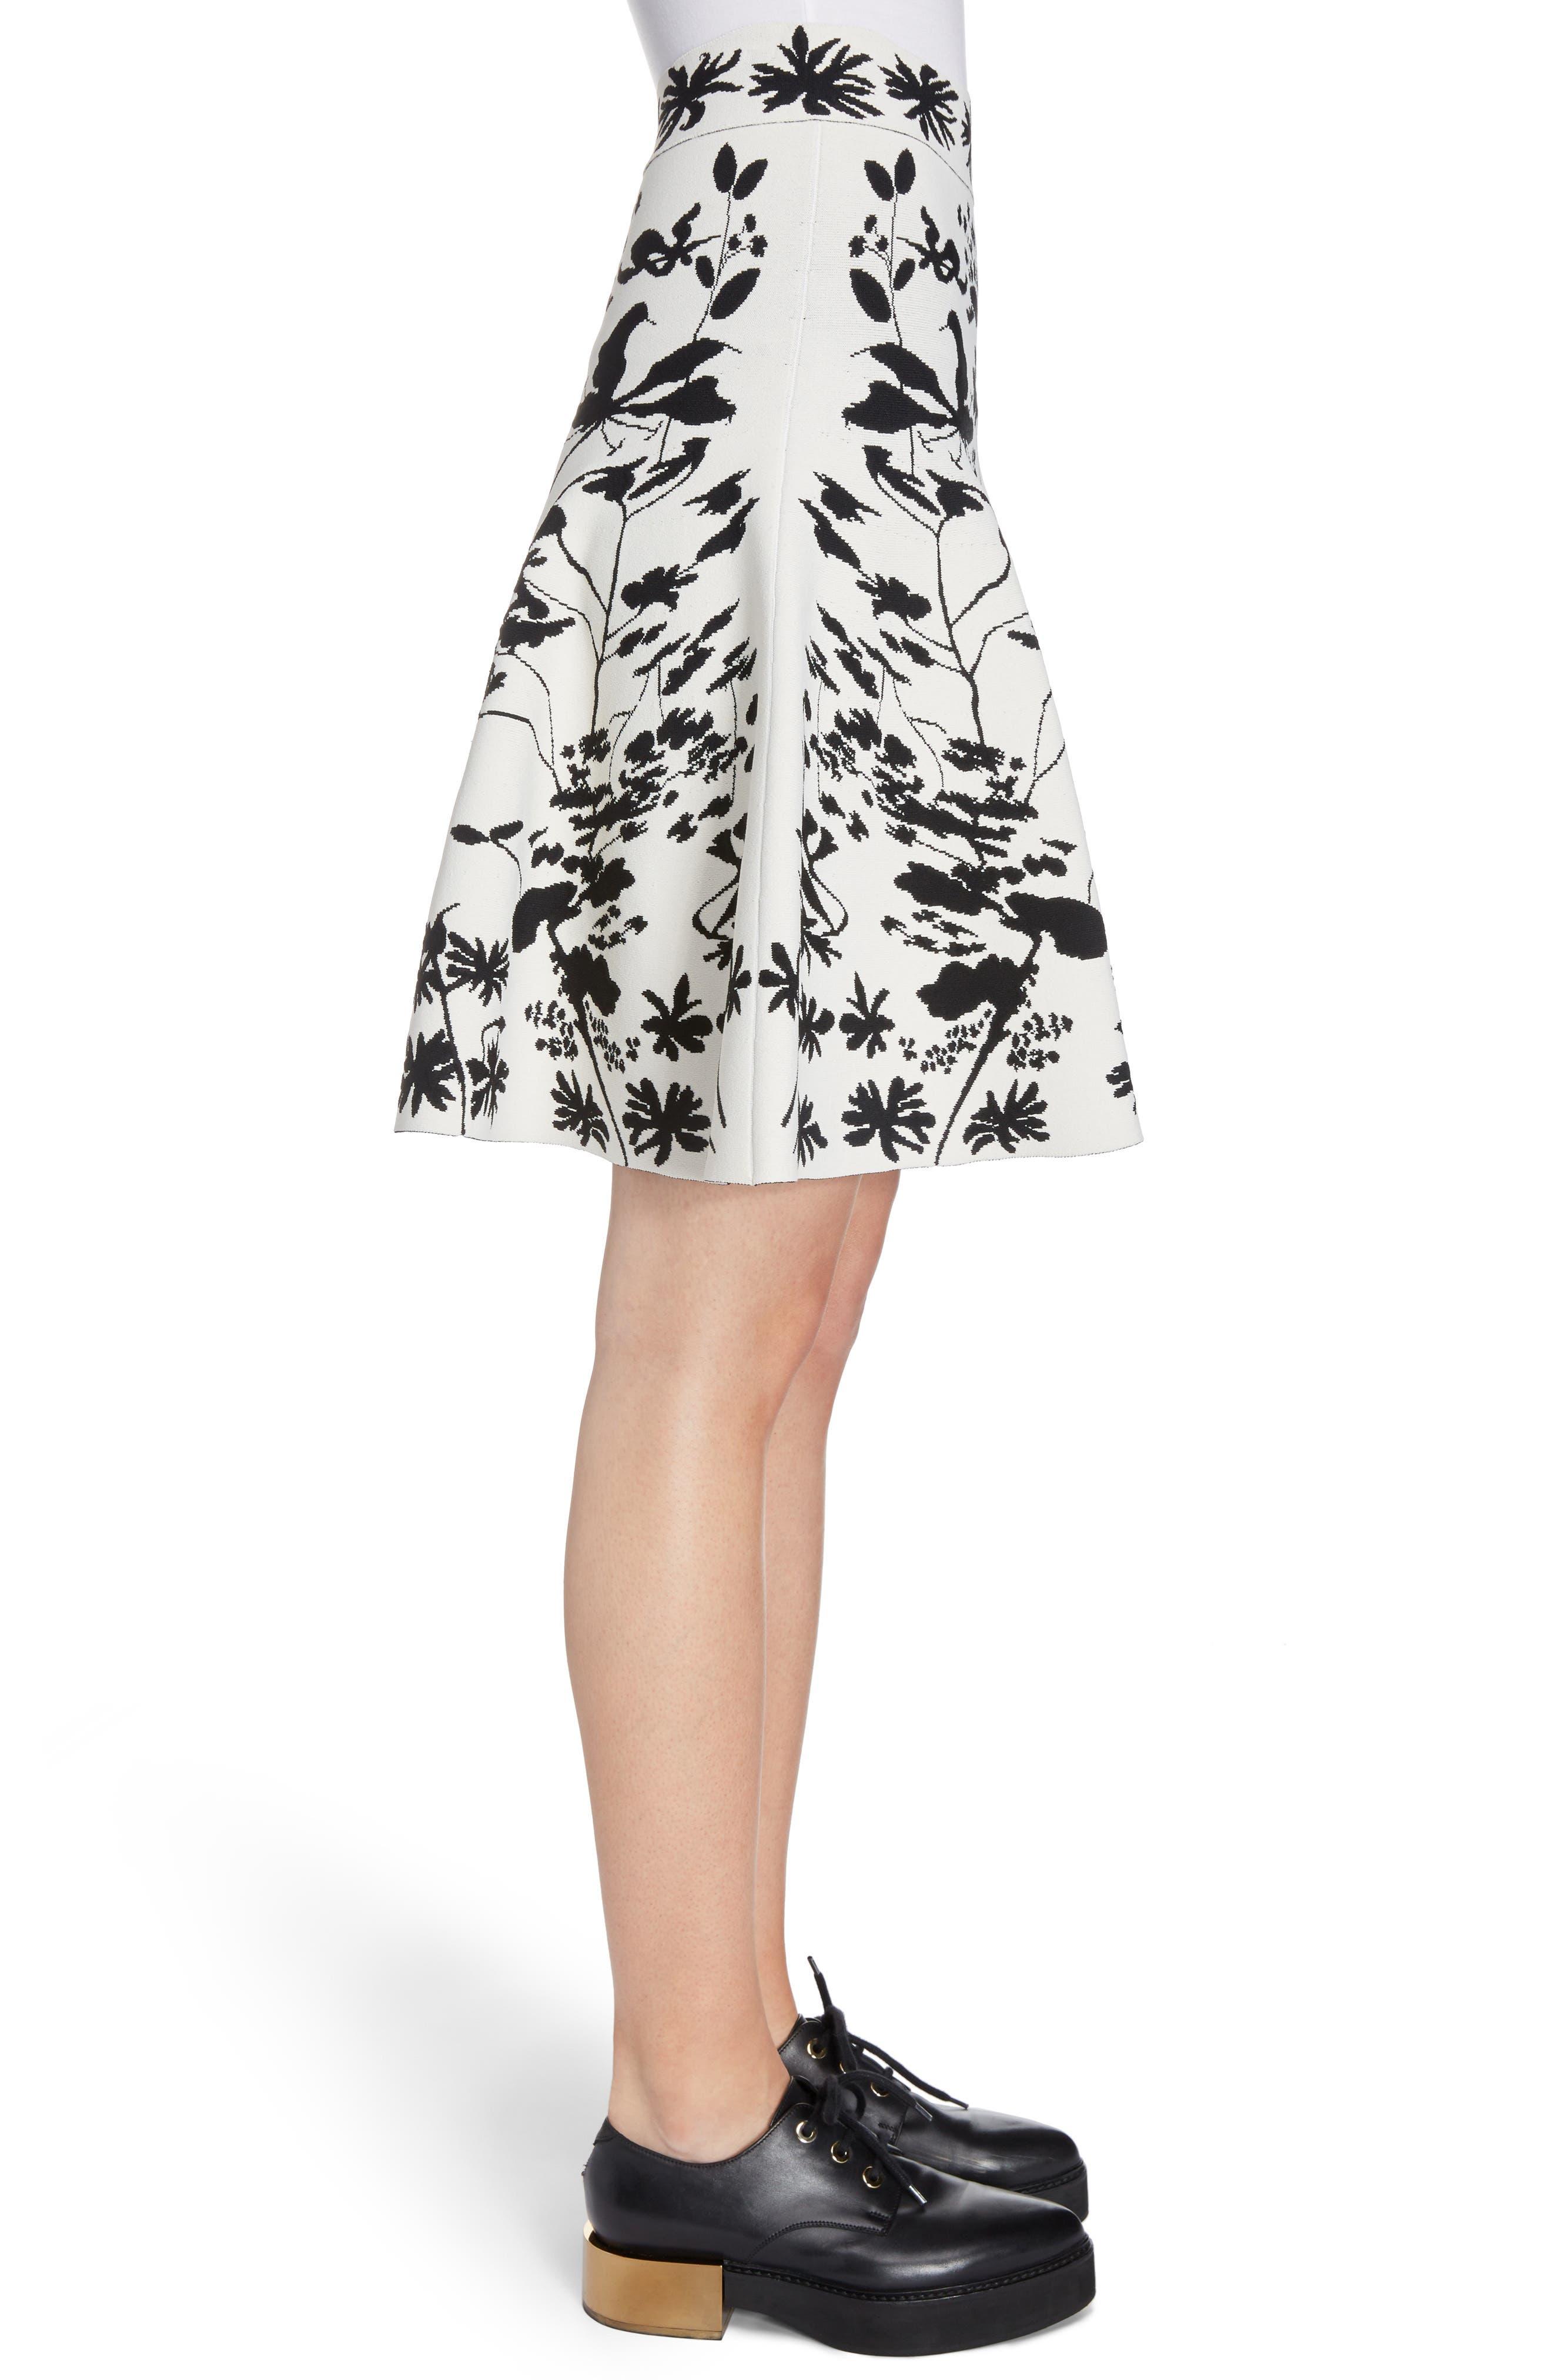 Botanical Jacquard Knit Flounce Skirt,                             Alternate thumbnail 3, color,                             Ivory/ Black